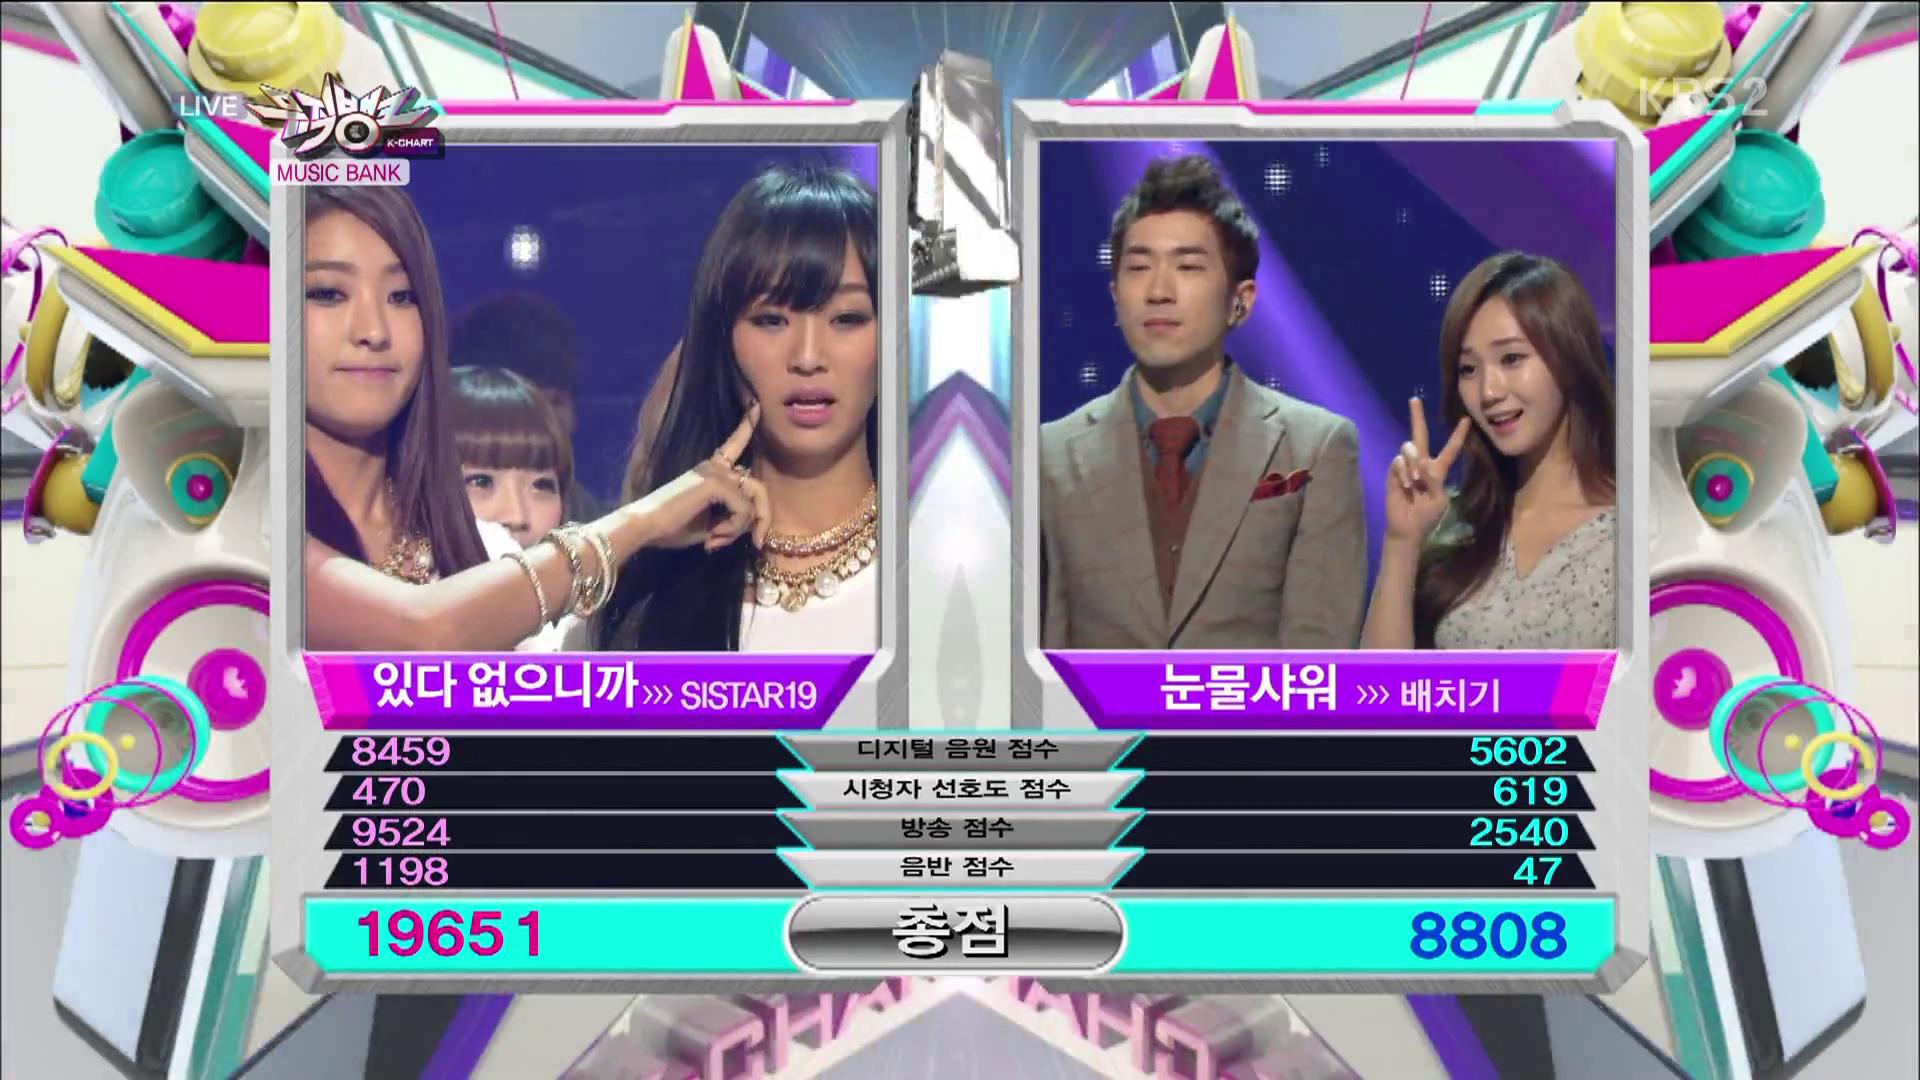 KBS Music Bank – 15 February, 2013